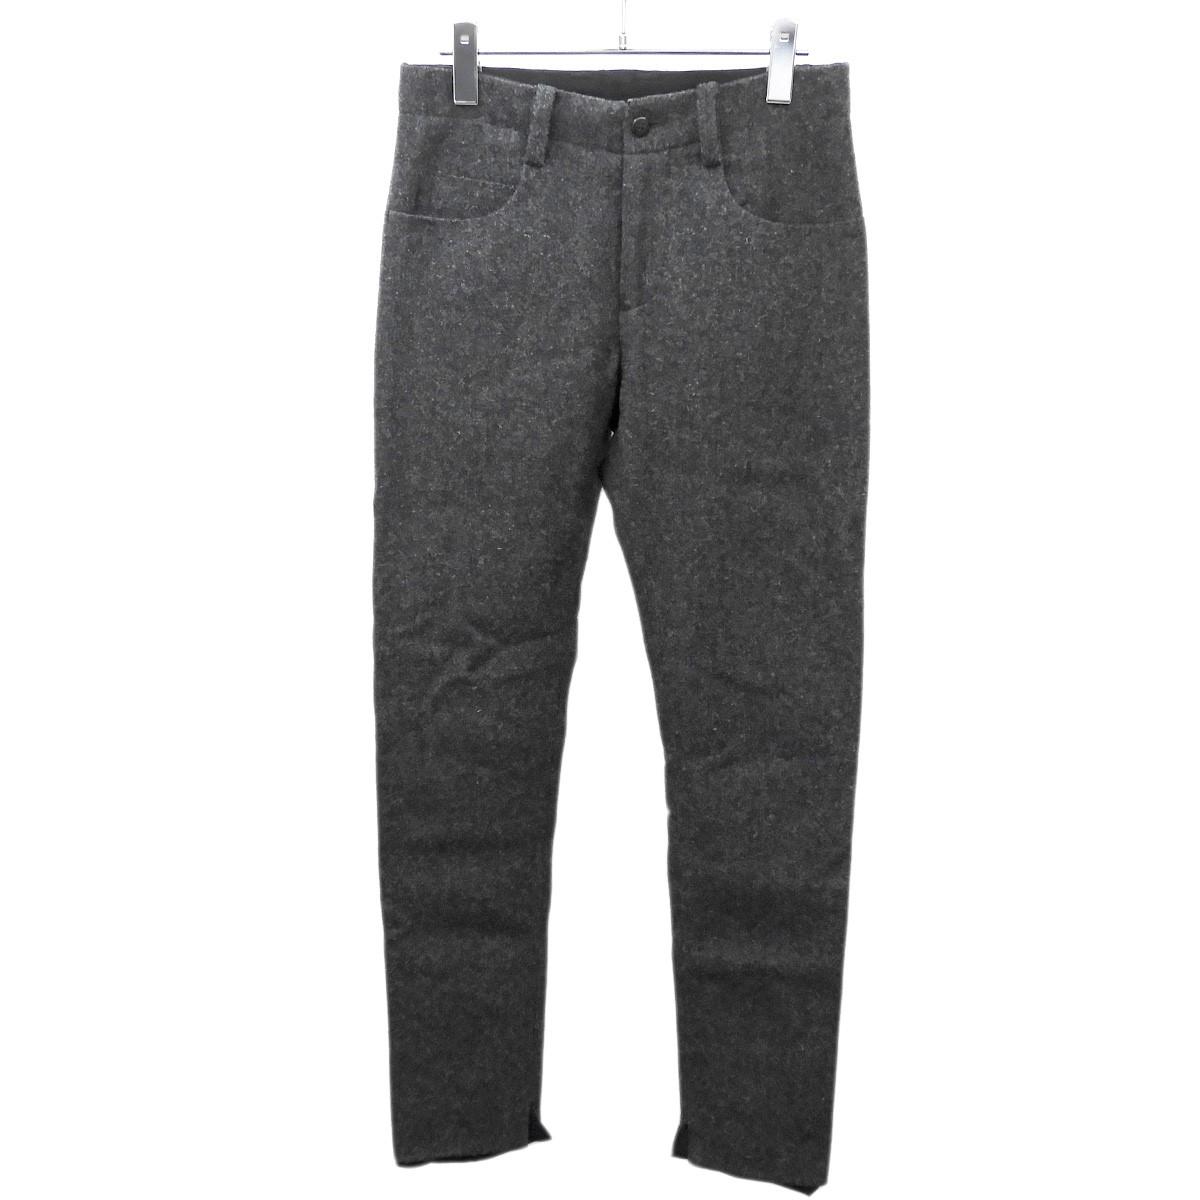 【中古】SUNSEA 2016AW 「British wool Pants」ブリティッシュウールパンツ グレー サイズ:1 【050620】(サンシー)